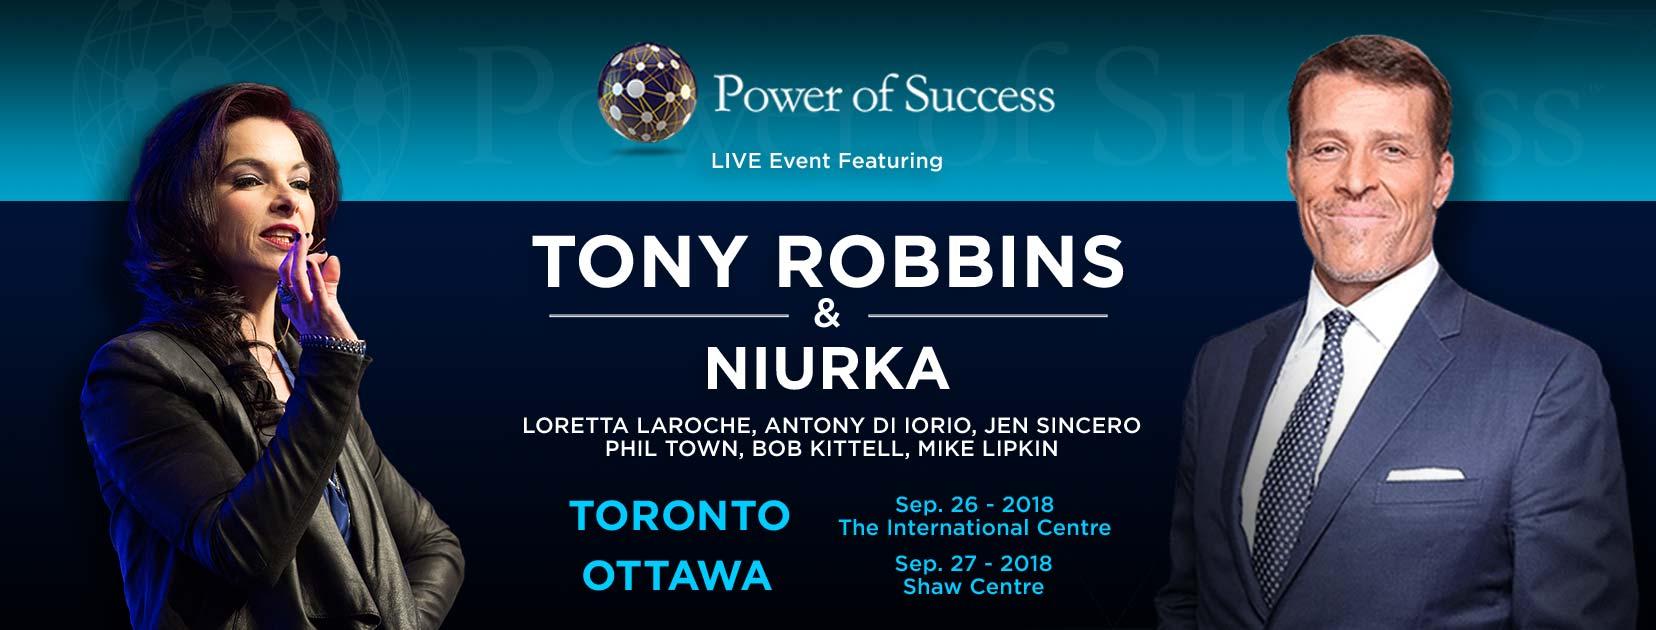 Niurka and Tony Robbins